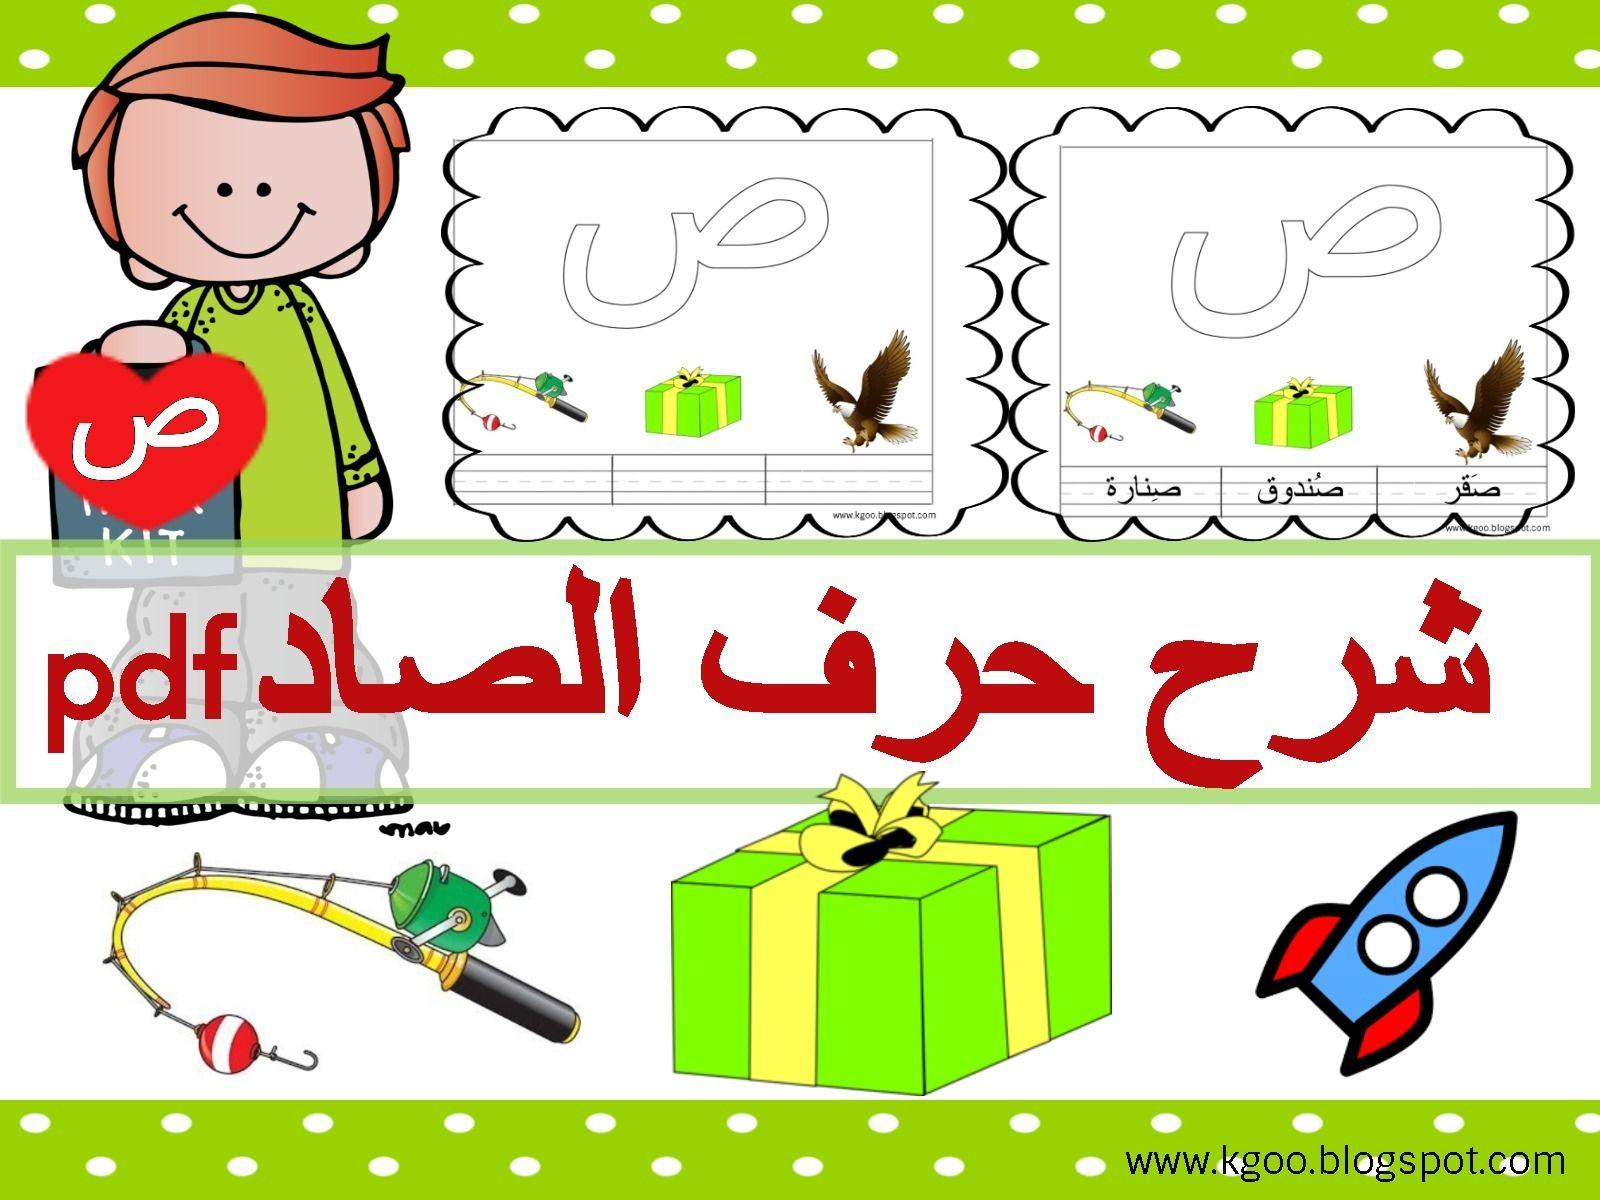 حرف الصاد للصف الاول مرحبا بكم اليوم سوف نتعلم معا حرف الصاد في برنامج الحروف الهجائية المقدم لمرحلة رياض الأطفال و Blog Mario Characters Arabic Worksheets